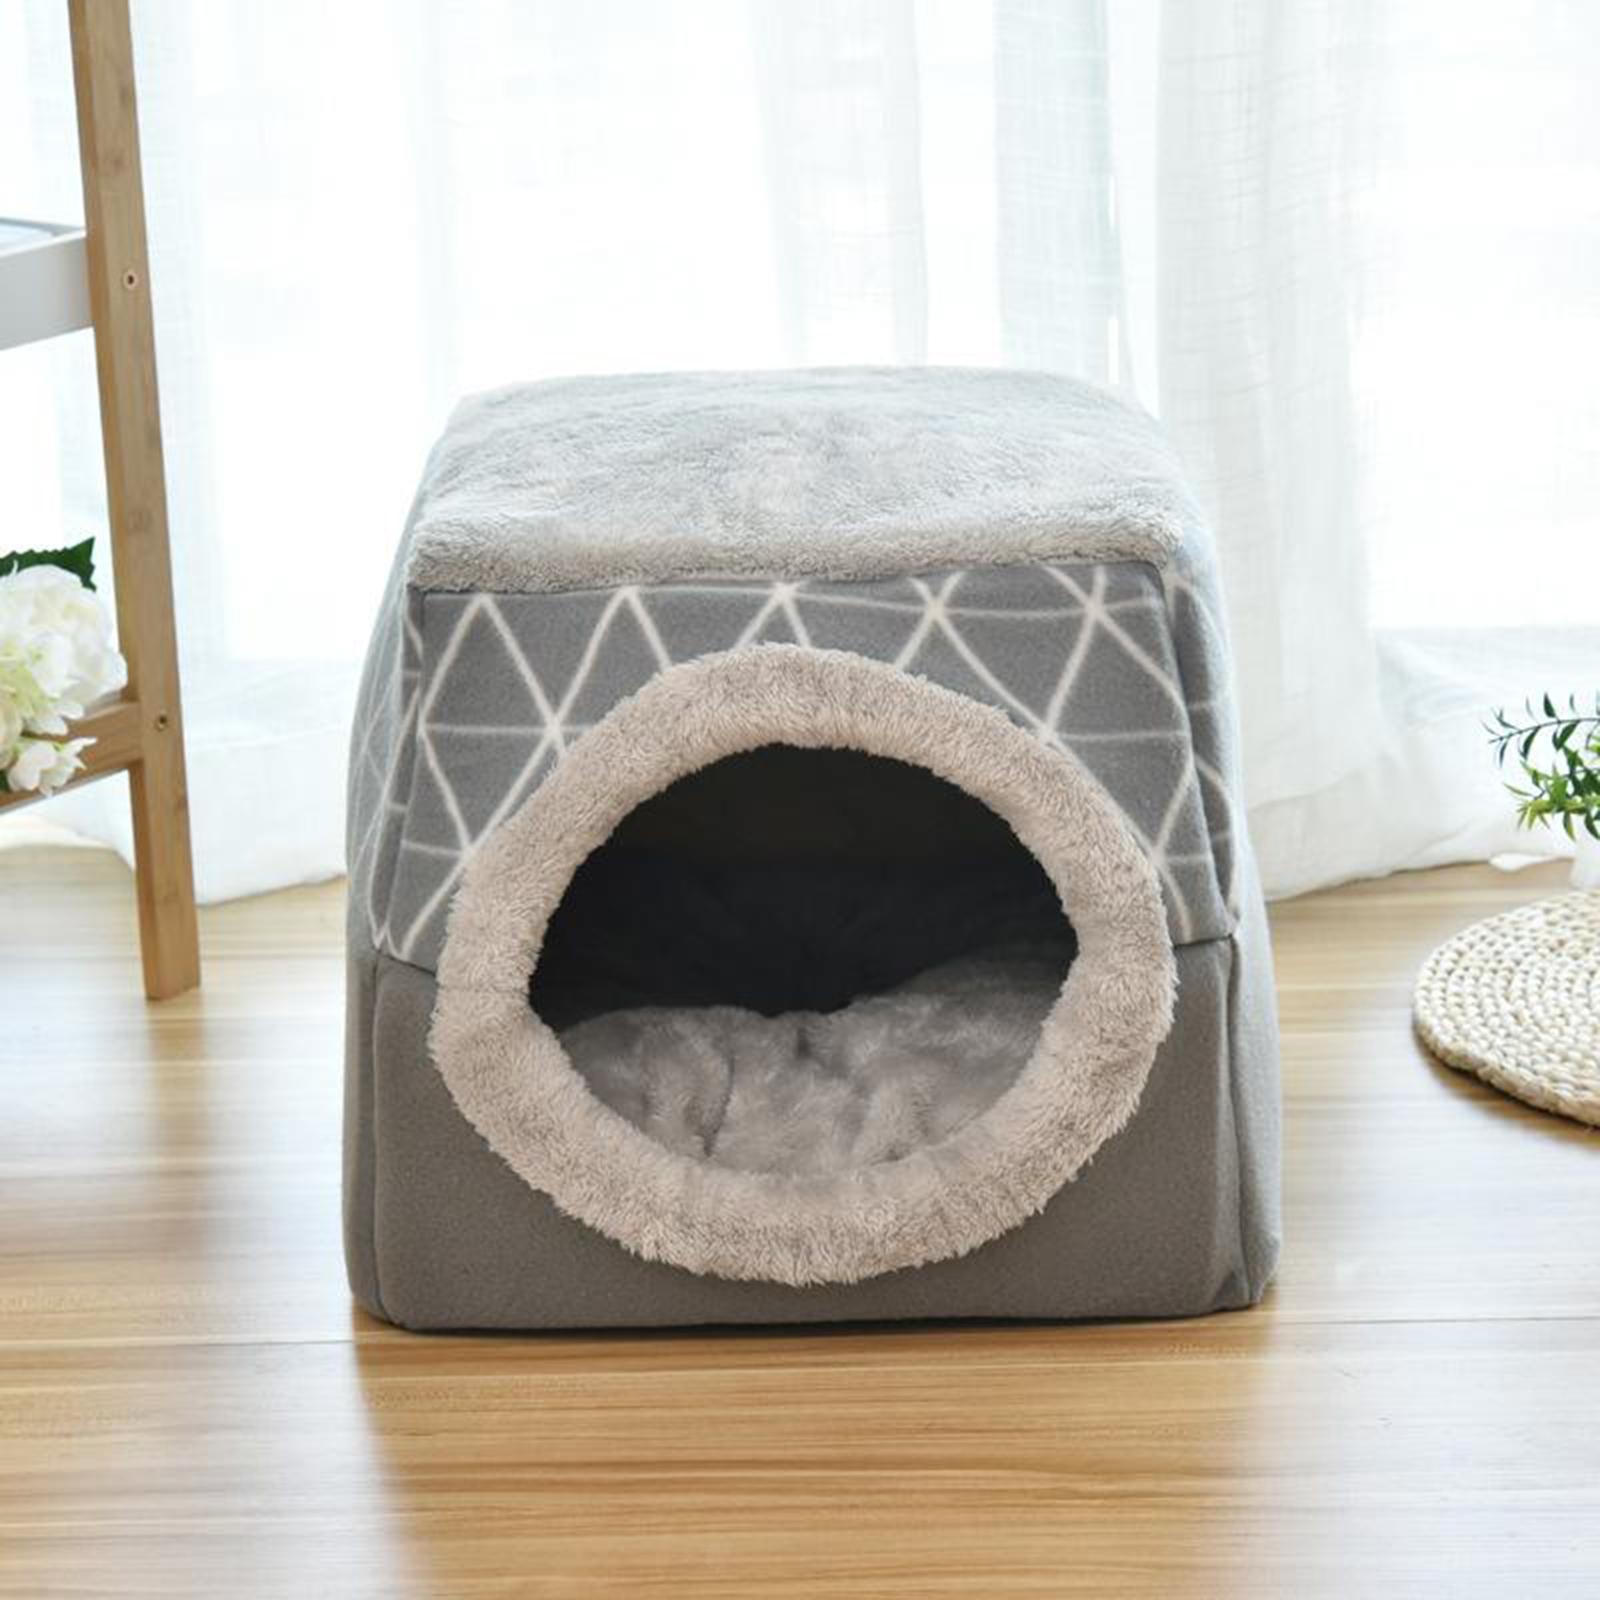 Indexbild 20 - 2-in-1-Weichen-Katzen-Haus-Schlafen-Bett-Zwinger-Puppy-Cave-Warme-Nest-Matte